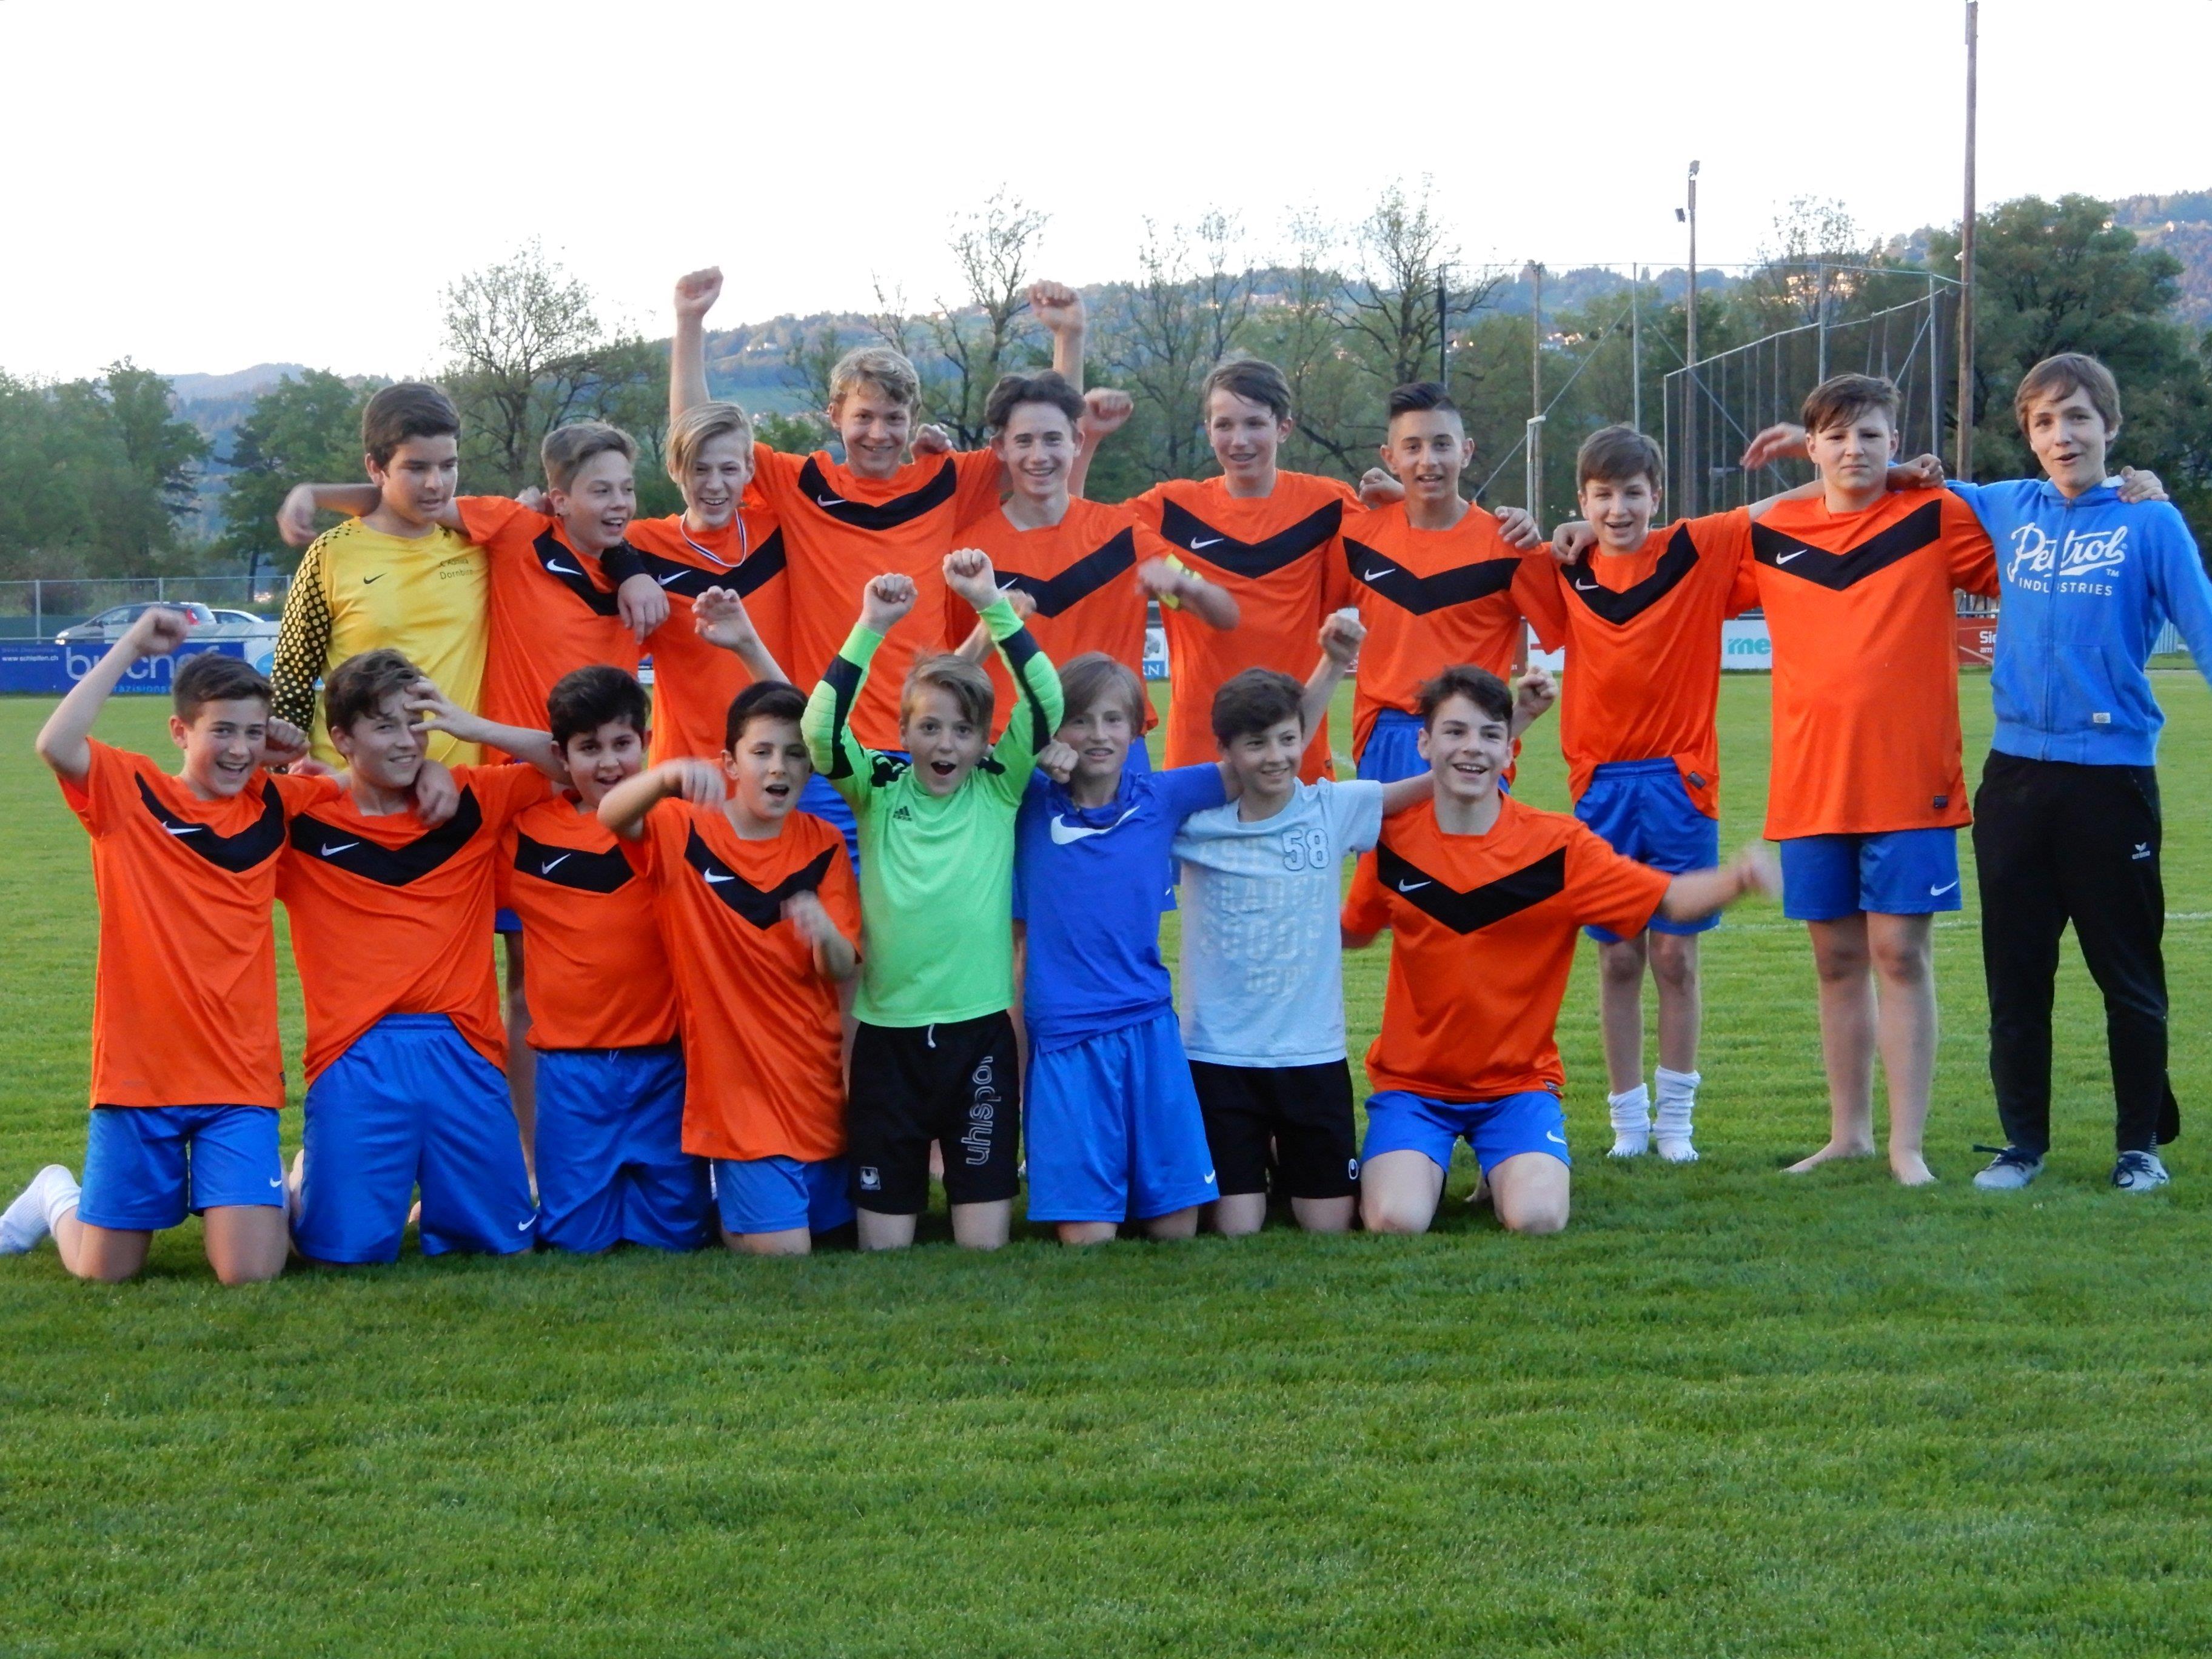 Die U14 des SC Admira Dornbirn hatte nach dem 6:0 Sieg allen Grund zum Jubeln.